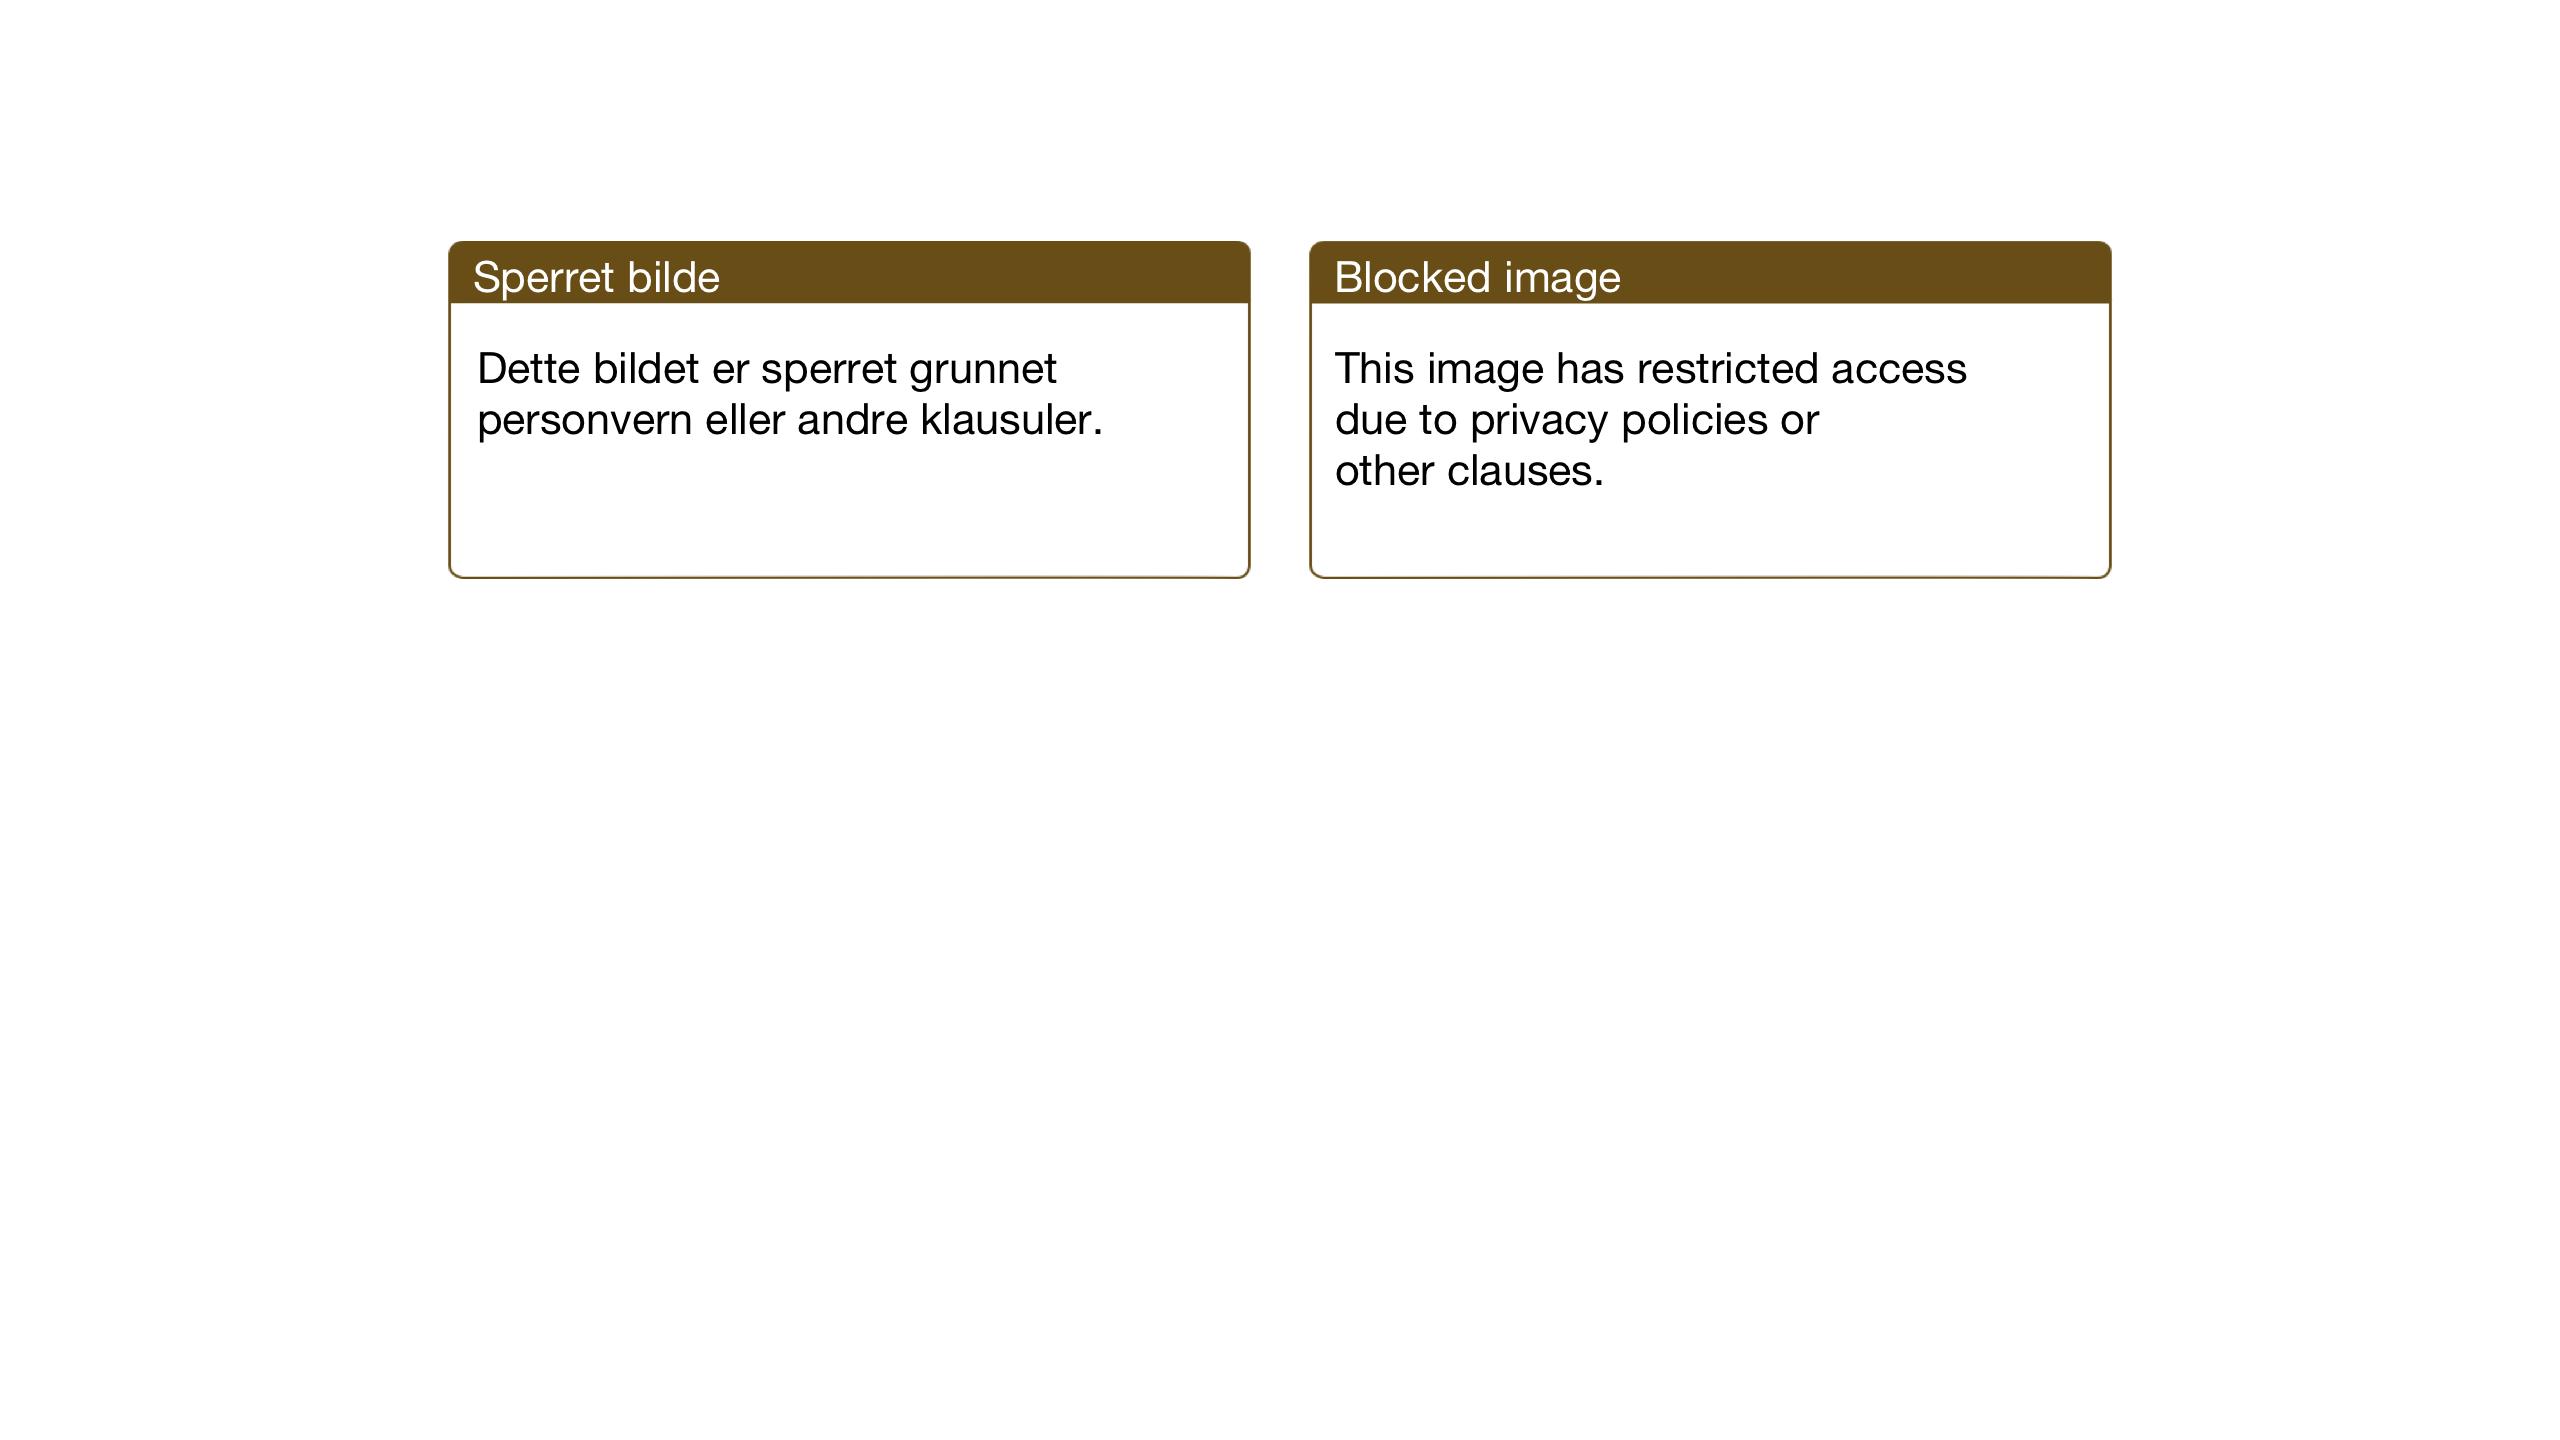 SAT, Ministerialprotokoller, klokkerbøker og fødselsregistre - Sør-Trøndelag, 638/L0569: Klokkerbok nr. 638C01, 1923-1961, s. 139